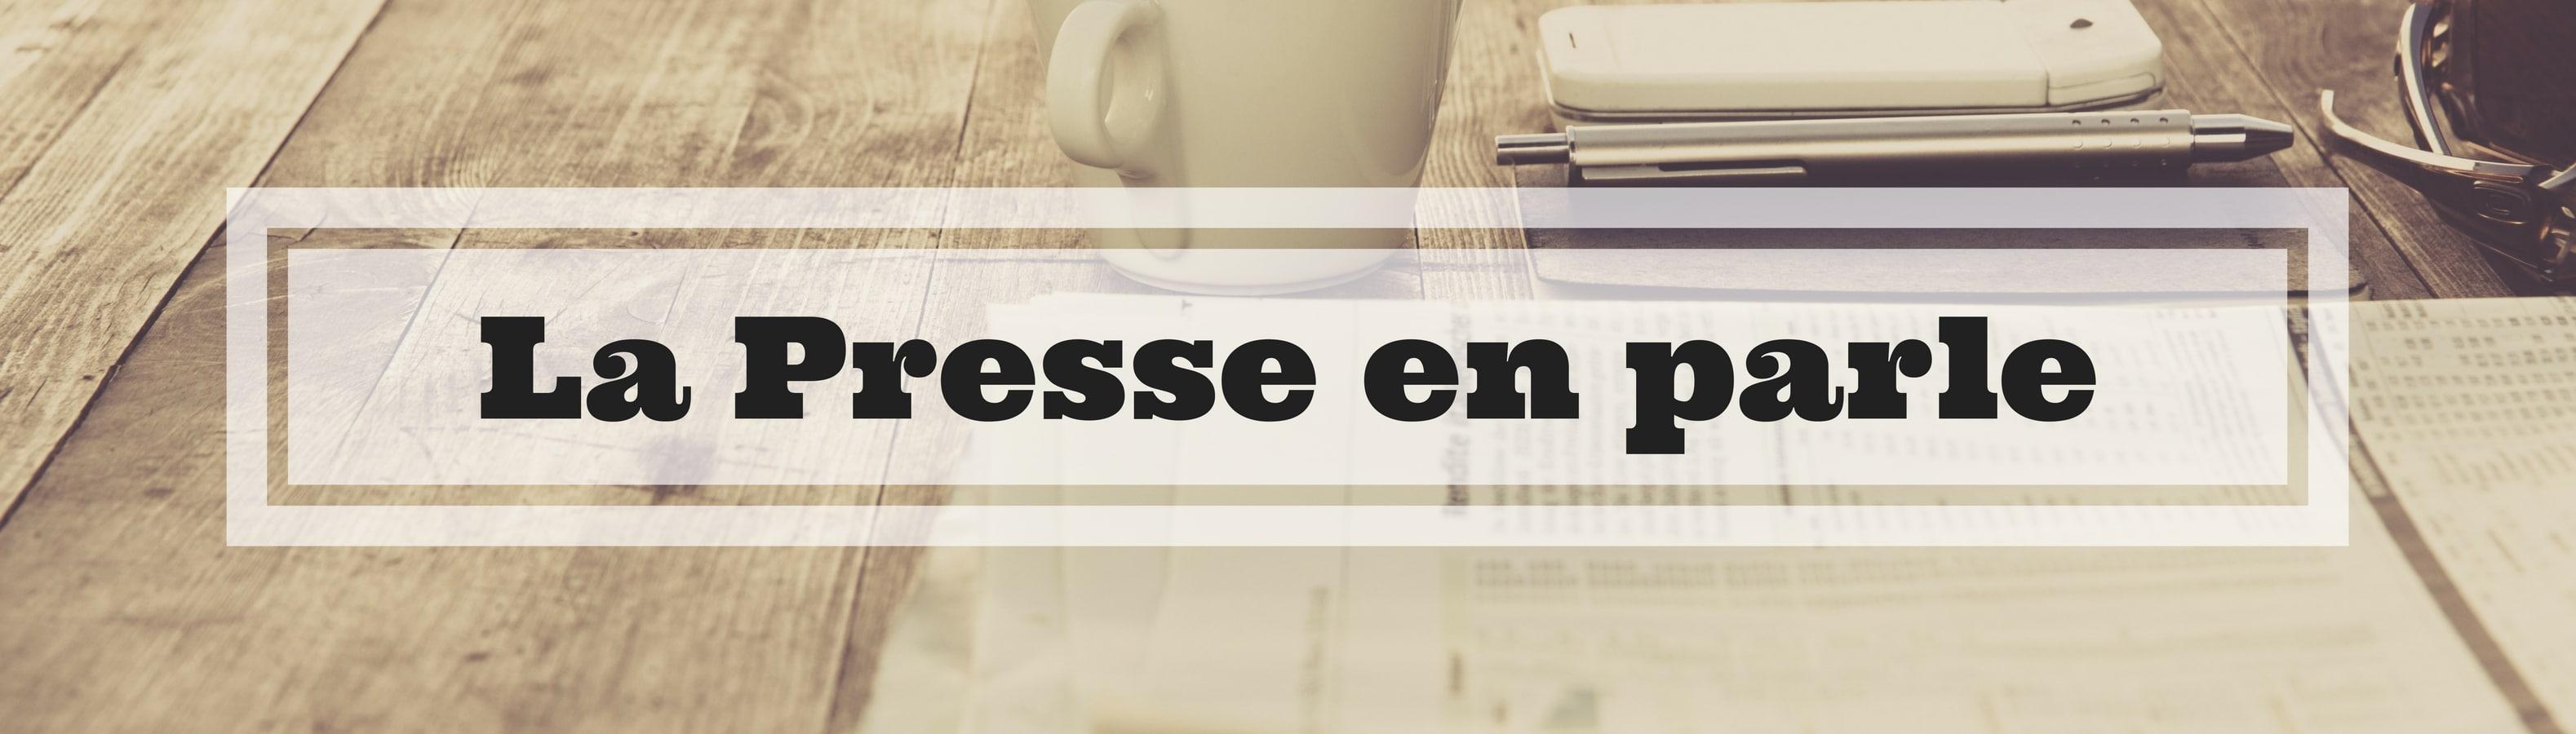 La Presse en parle / Interview / Laurie Audibert / Coach Holistique pour Entrepreneuses abondantes et alignées